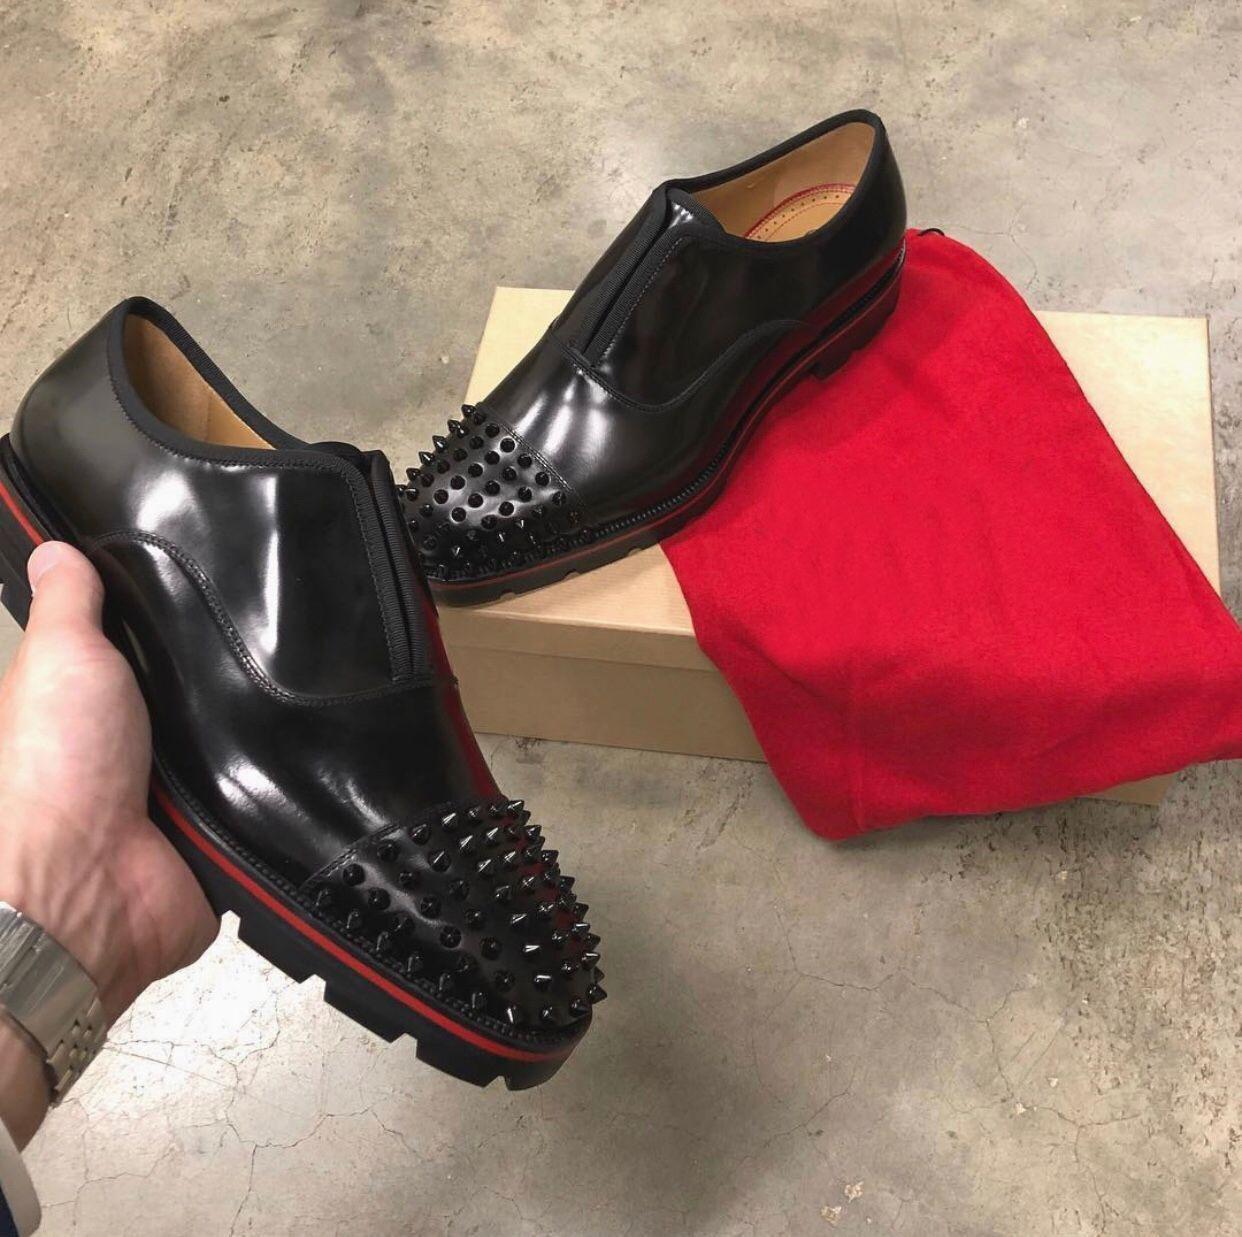 Başarılı Man Loafers İçin Düğün, elbise, Parti Lüks Kırmızı Alt Hubertus Erkek Oxford Walking Gerçek Deri Lug Sole Moccasin Yürüyüş Ayakkabı